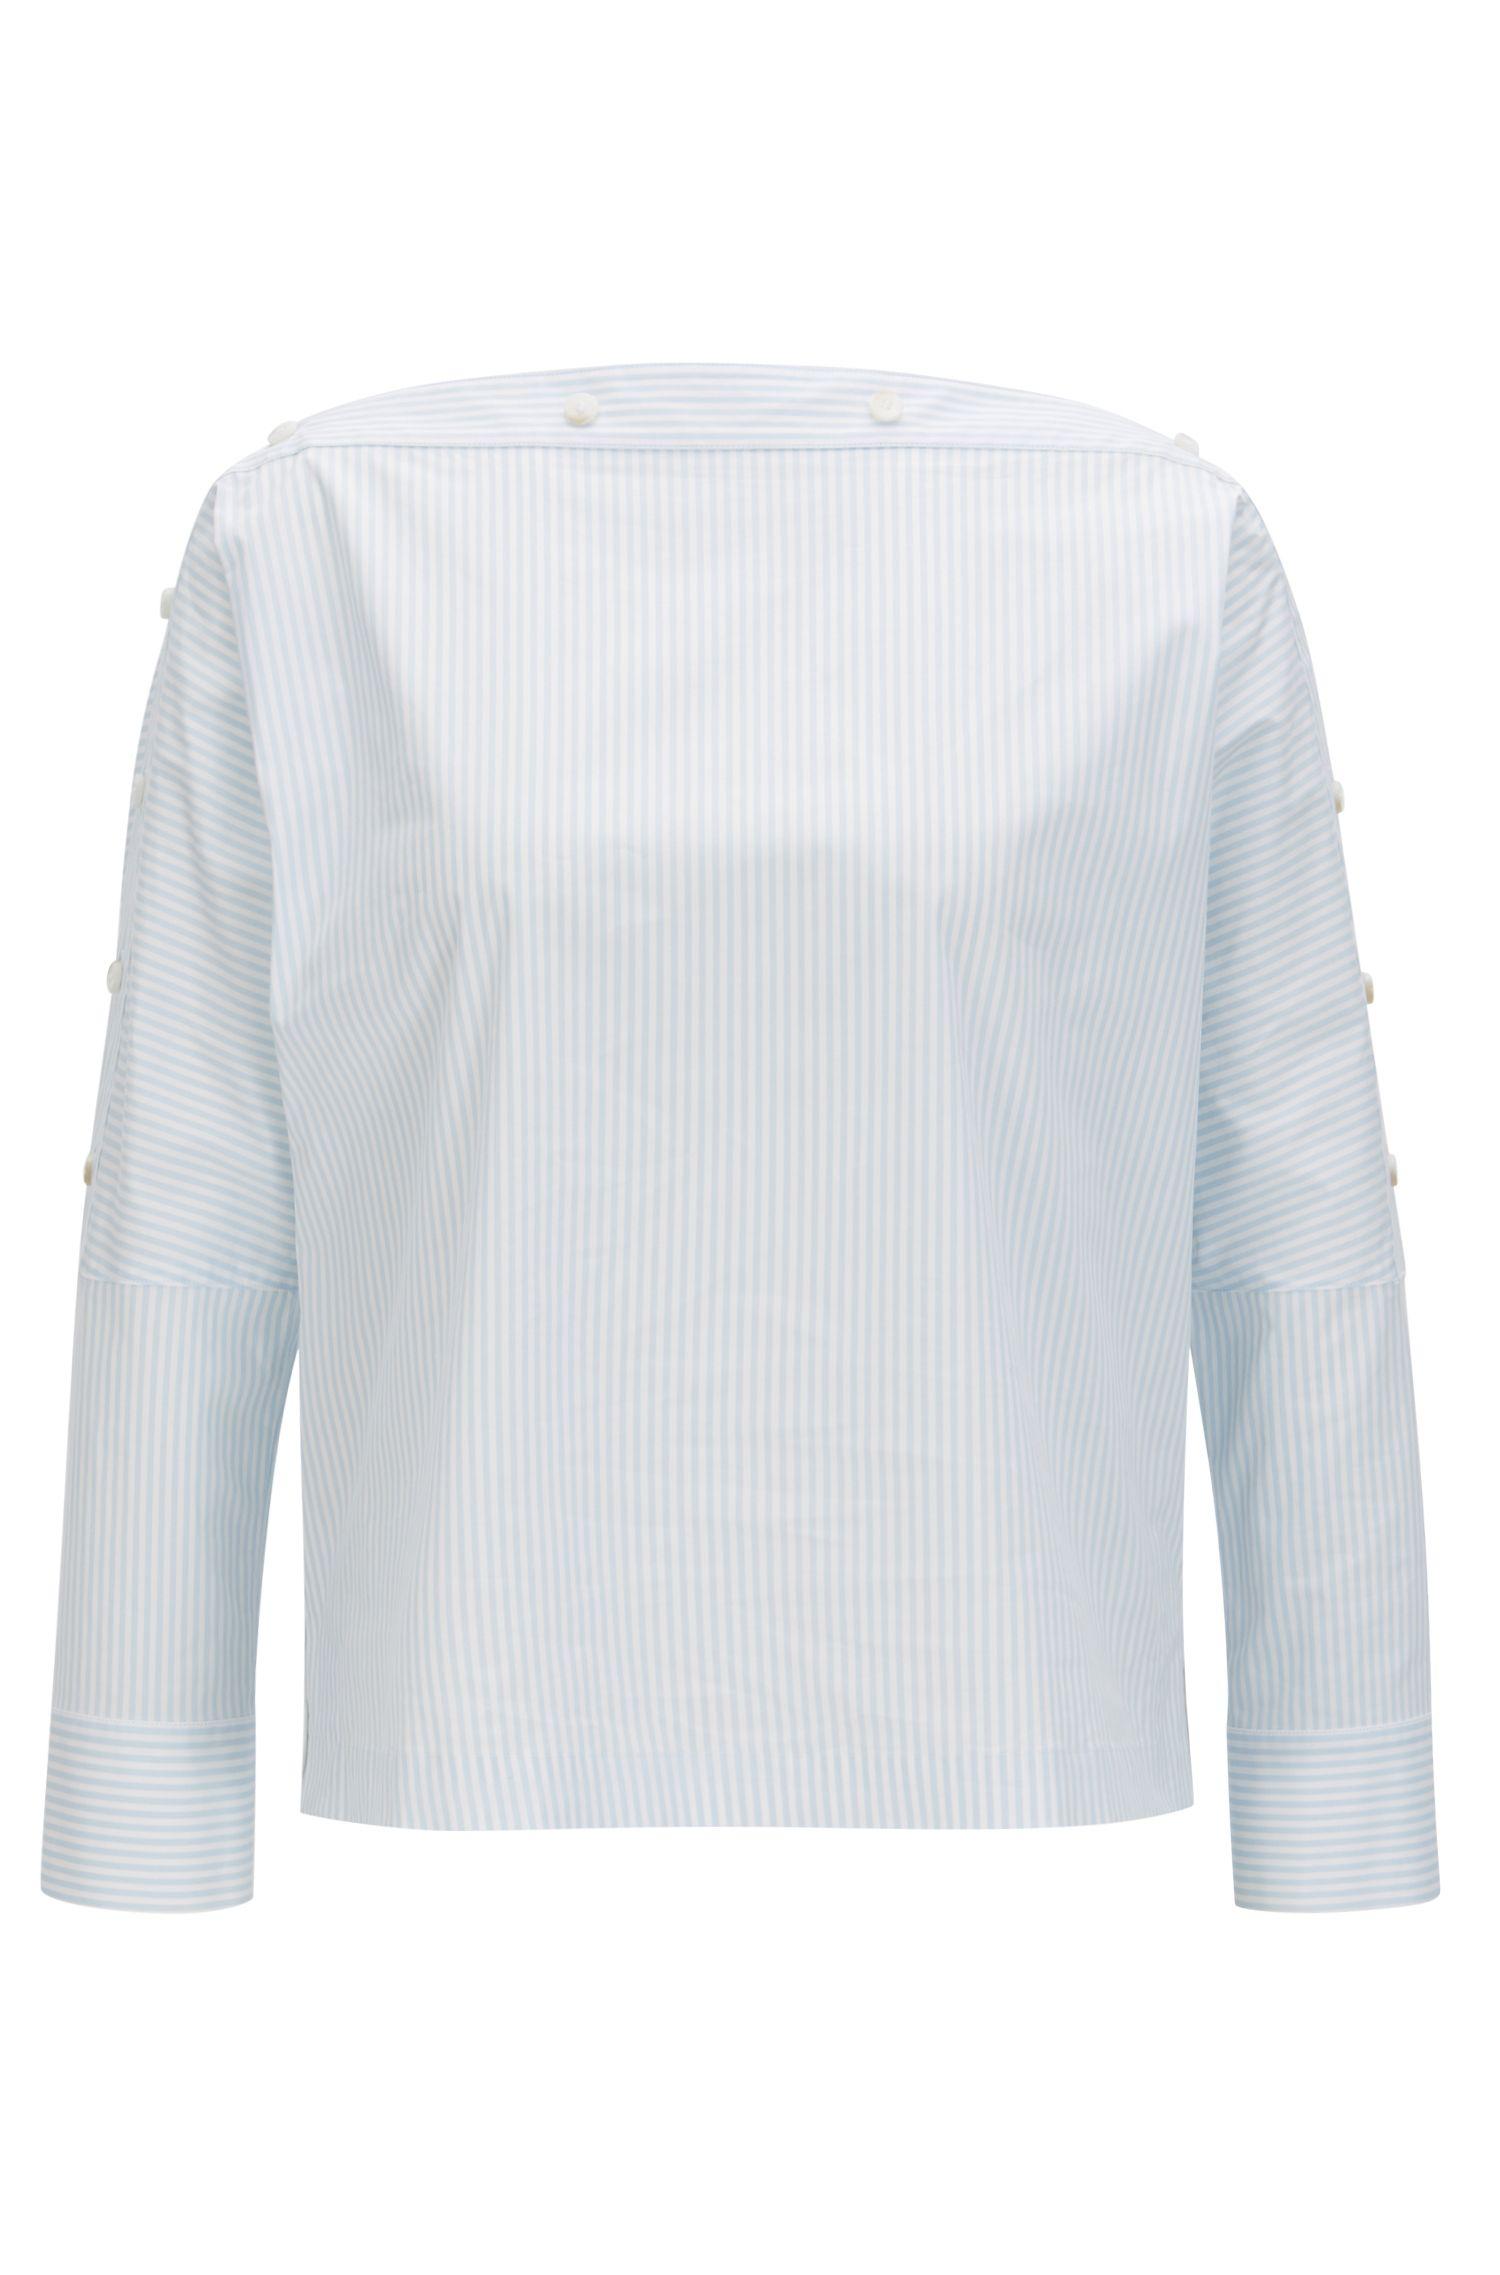 Blusa con cuello de botones en algodón elástico a rayas